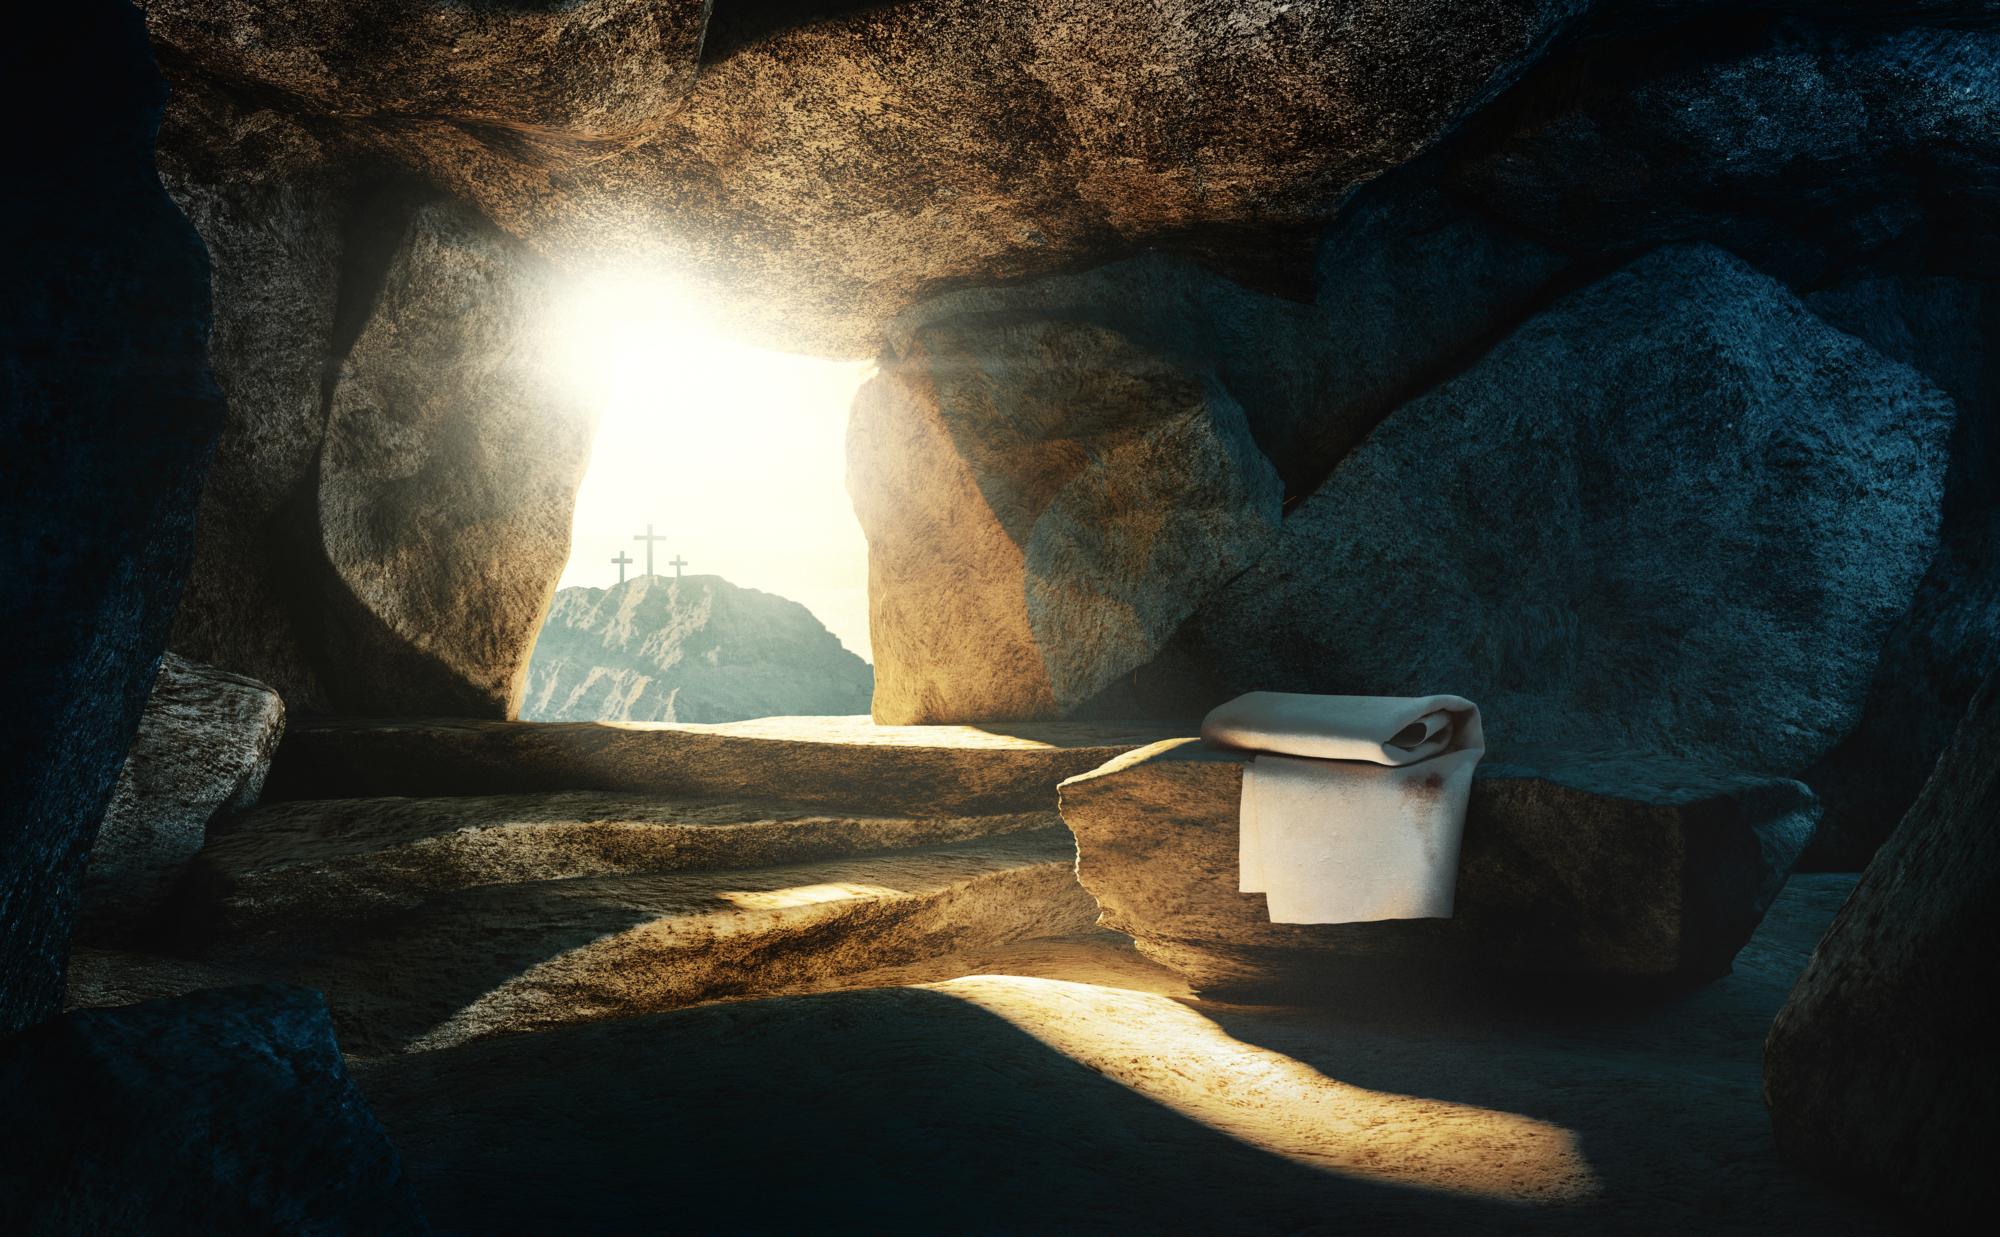 Ostern Wiederauferstehung leeres Grab 24 3 2021